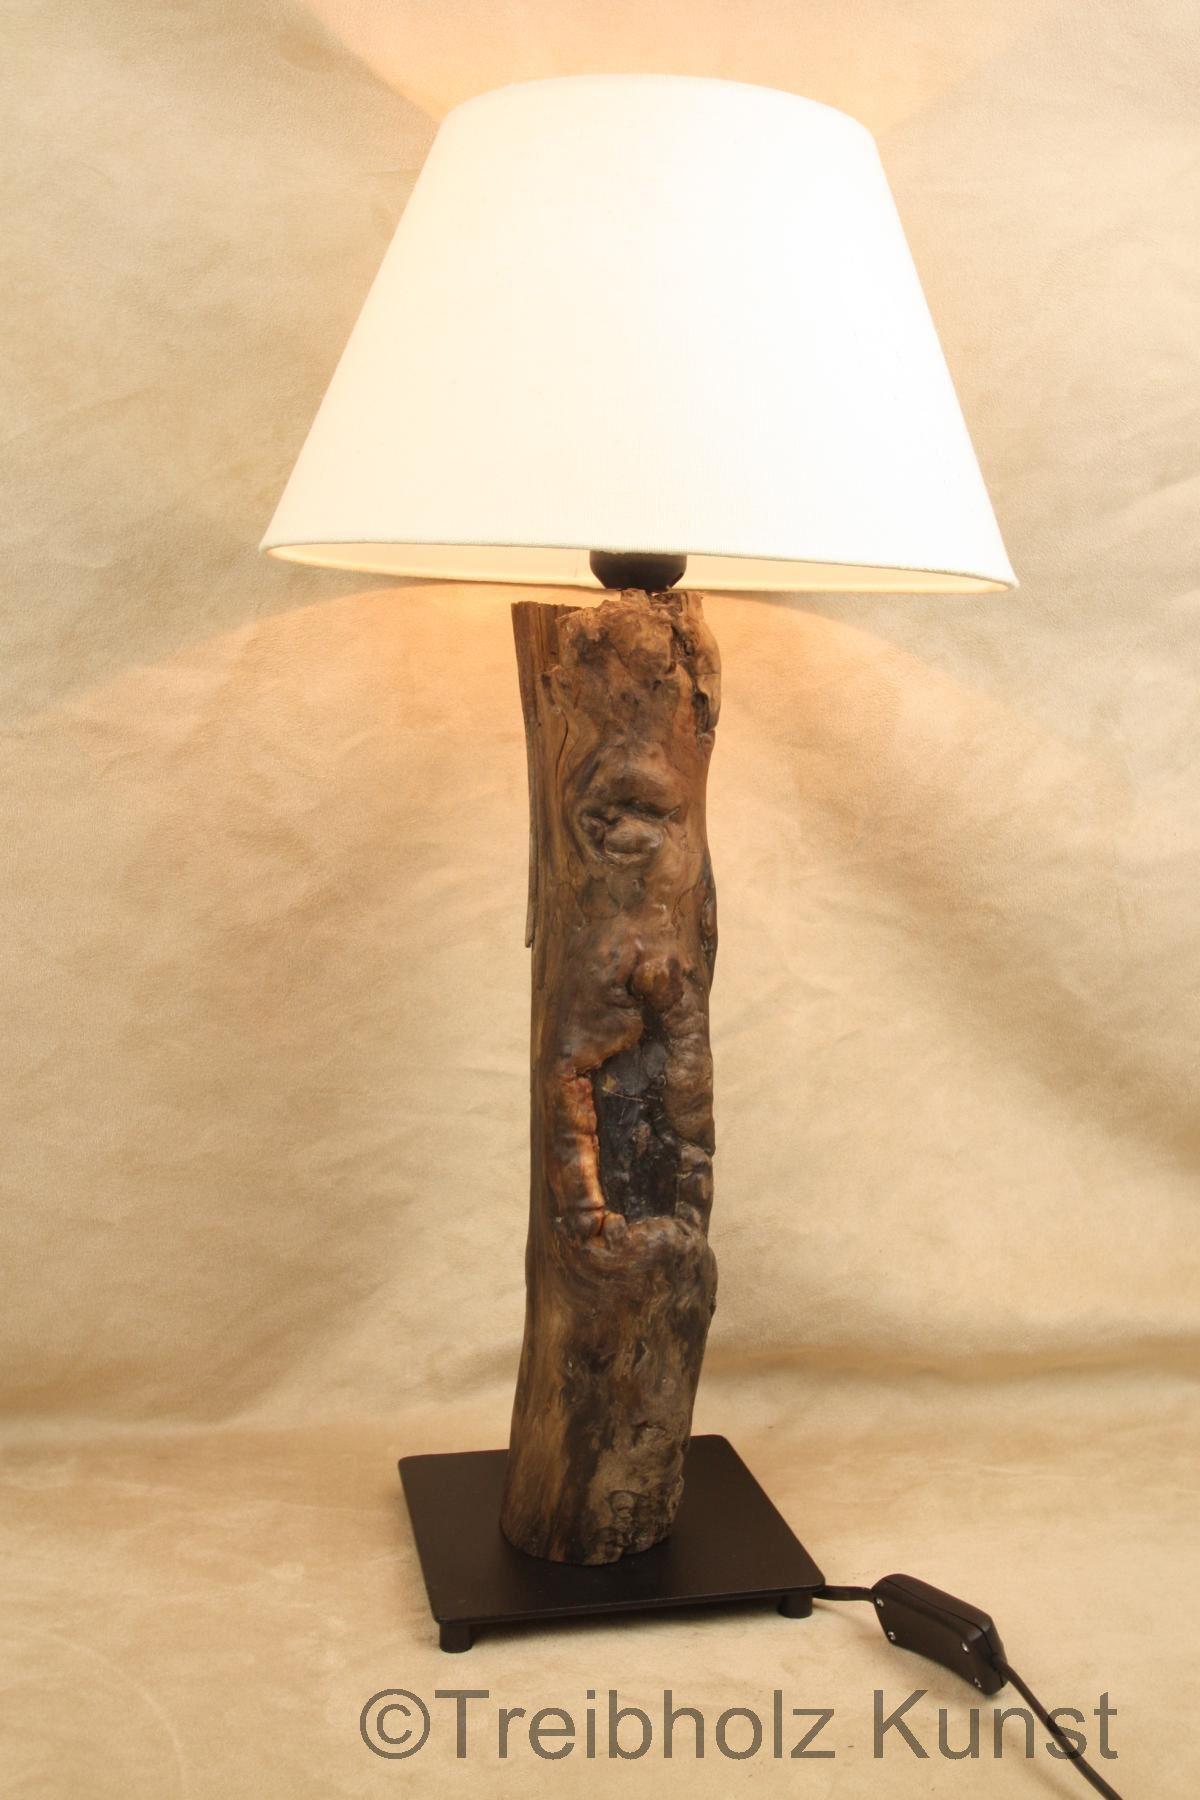 Treibholz Lampen Shop : treibholz lampe mit schirm tischlampe unikat ~ Sanjose-hotels-ca.com Haus und Dekorationen